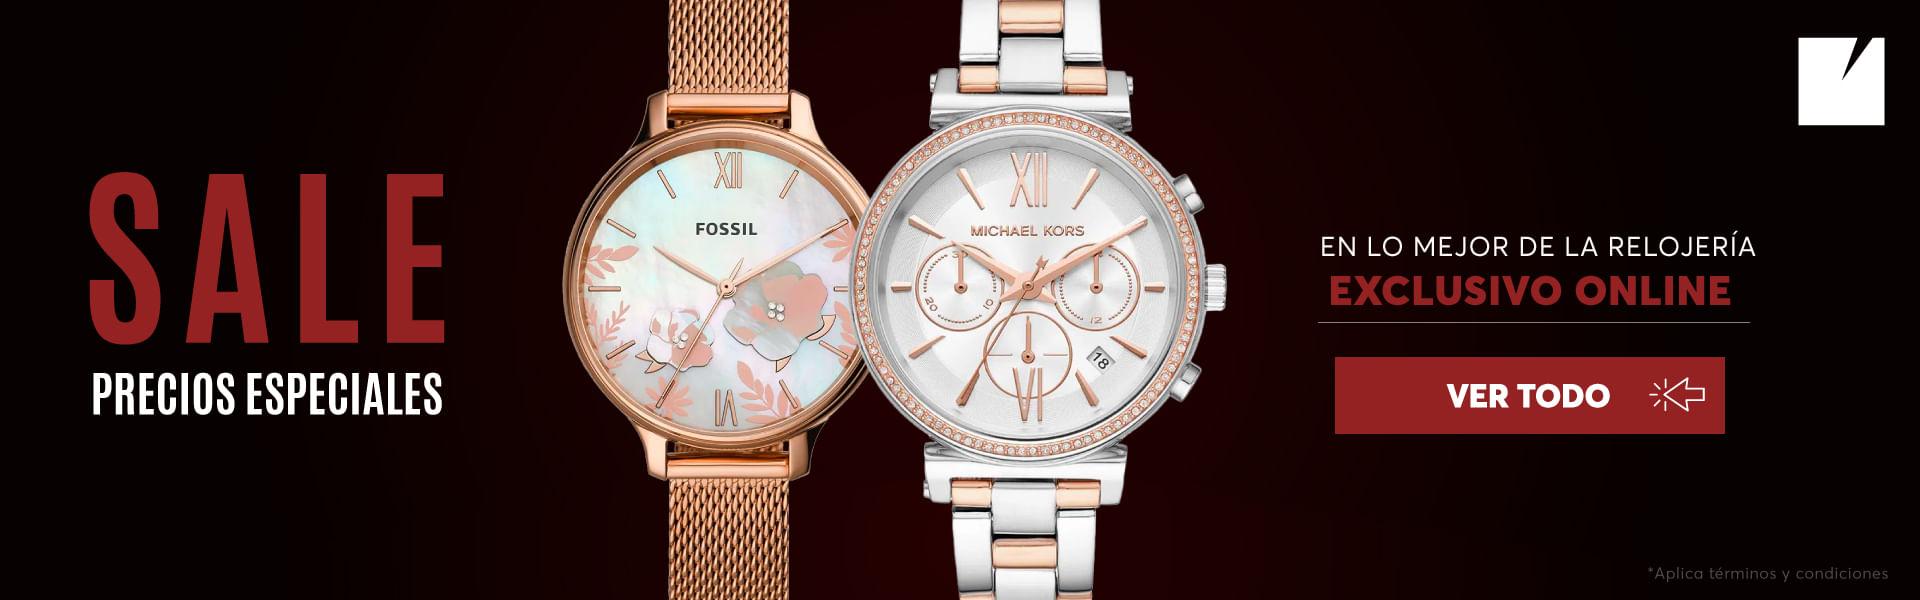 Sale - Precios especiales en relojes de las mejores marcas